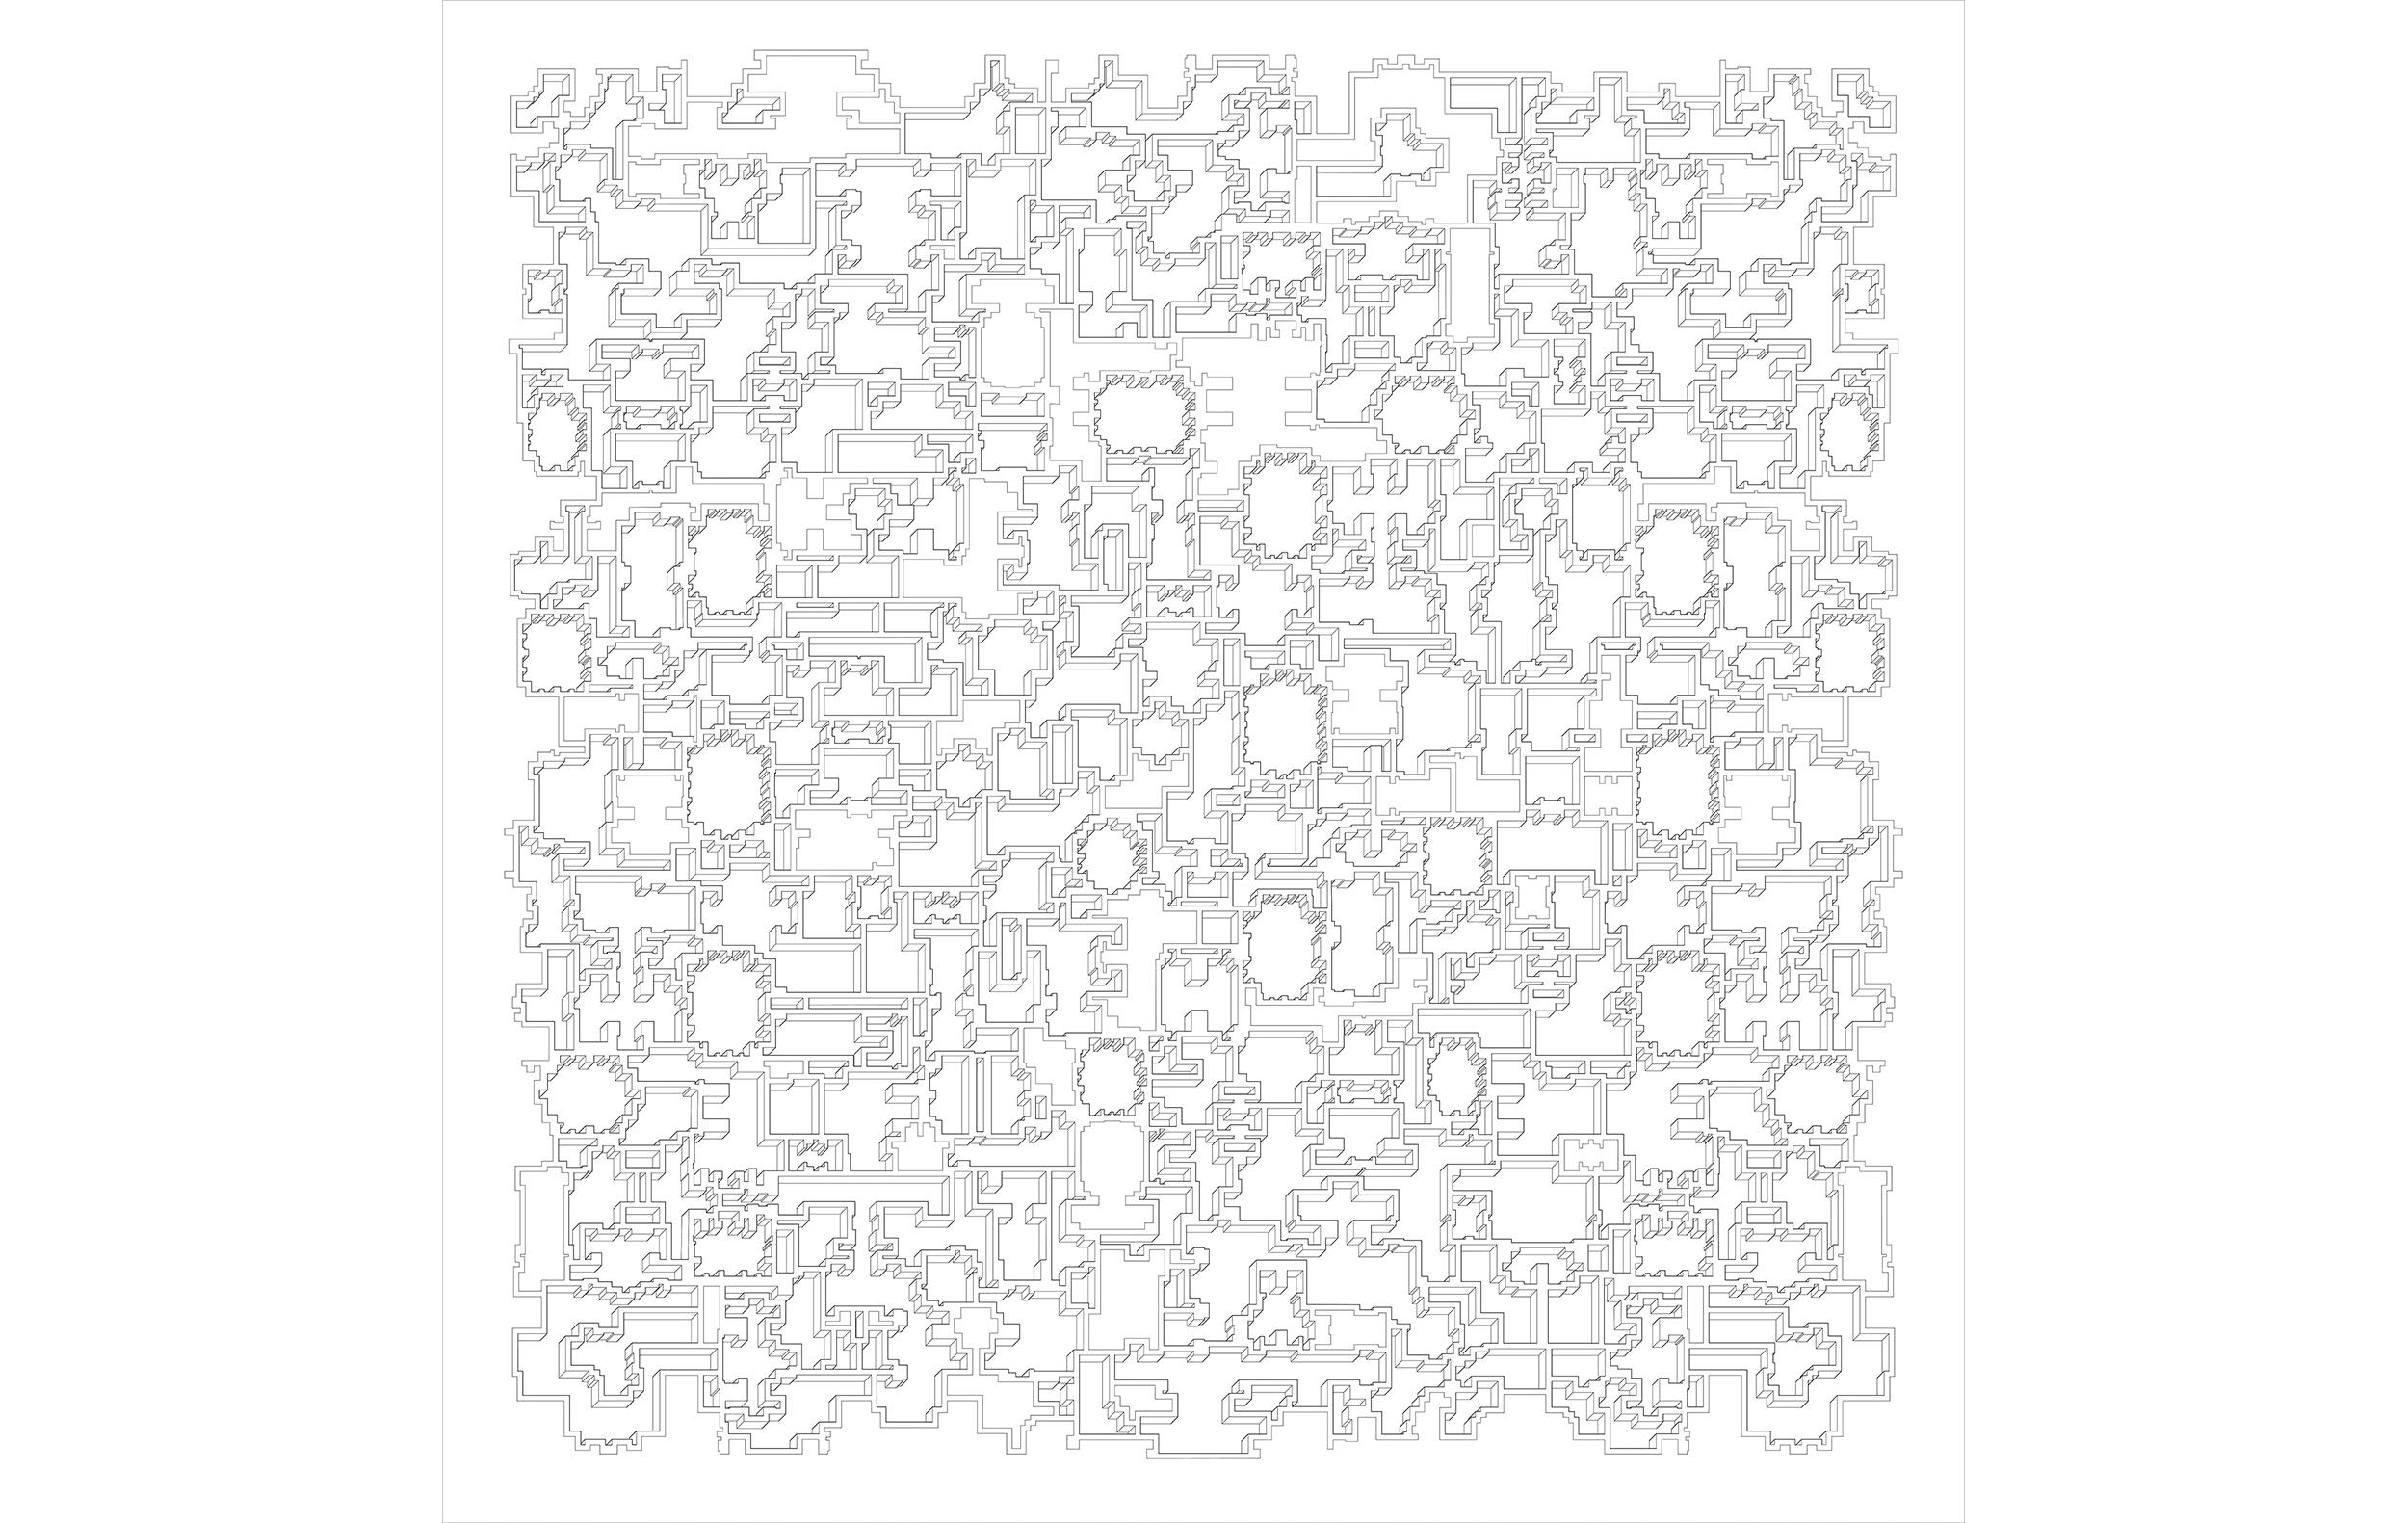 Young Ayata - LIMAMALIAMILILAM - drawing 2 web.jpg